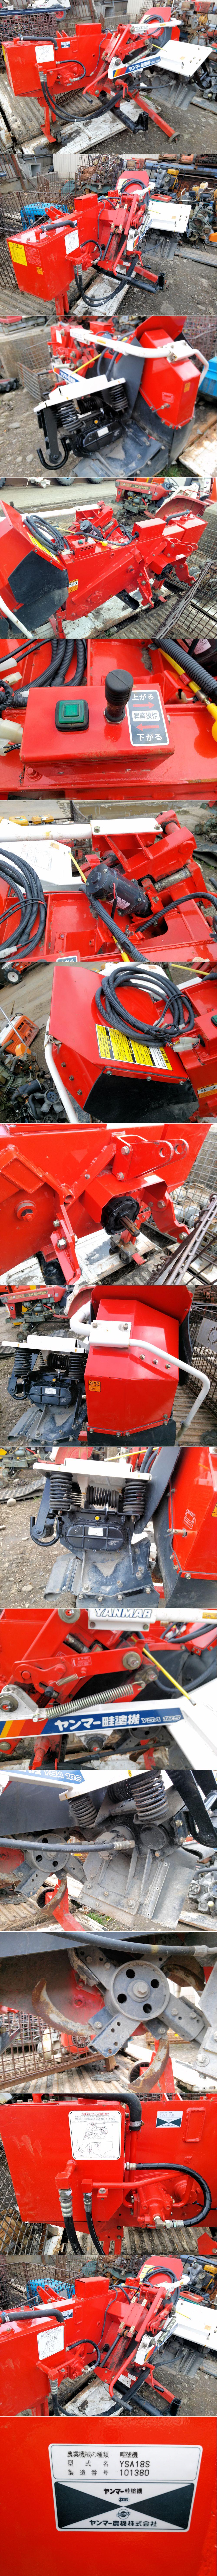 ヤンマー トラクター用 あぜぬり機 畦塗機 YSA18S 完全実働品 中古